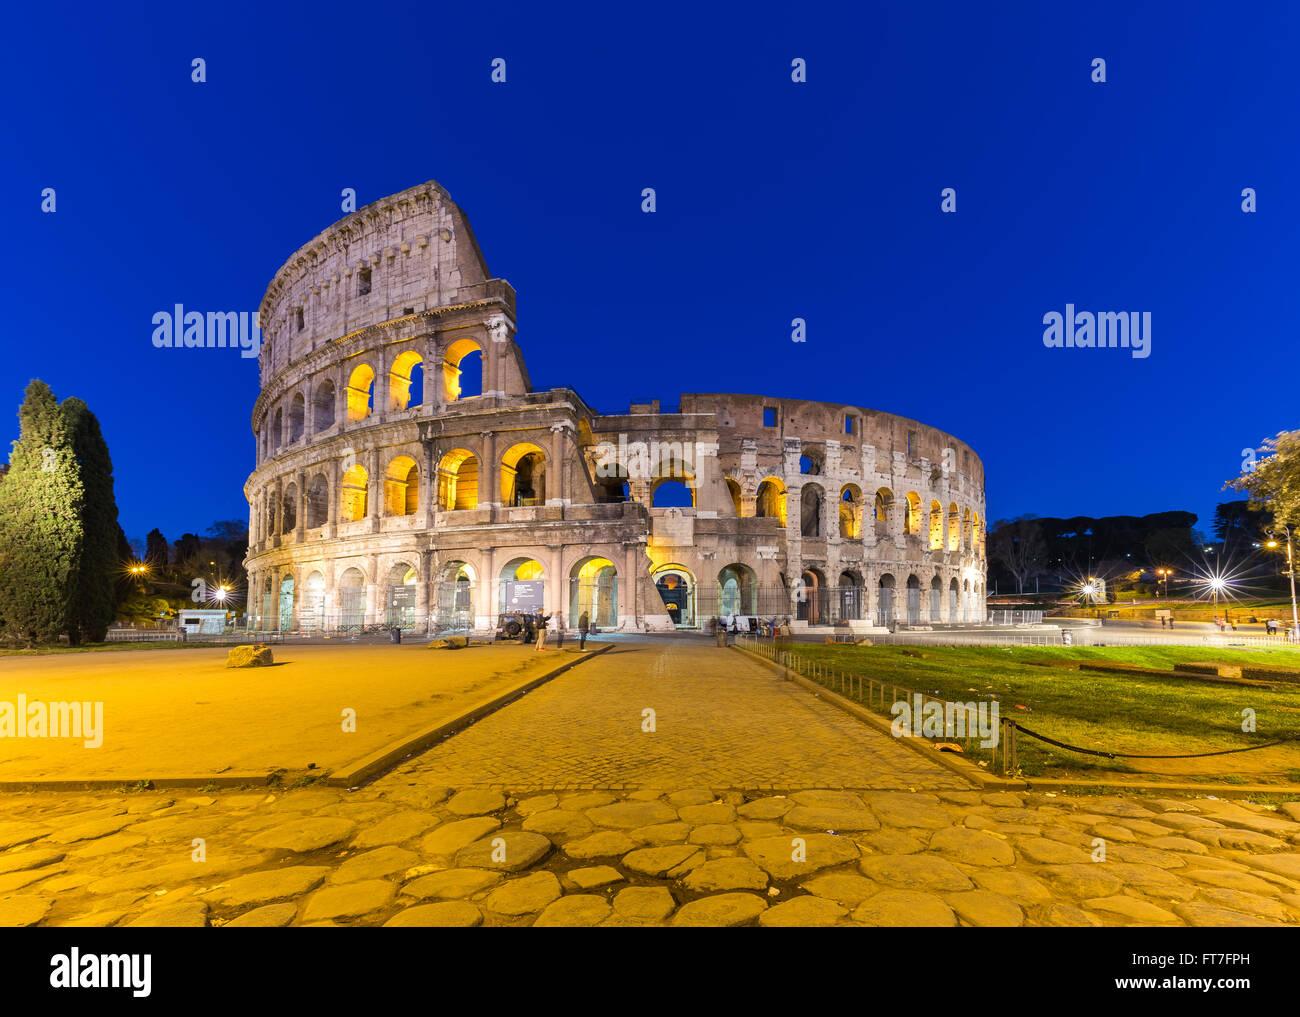 Colosseum en una noche de verano en Roma, Italia. Imagen De Stock